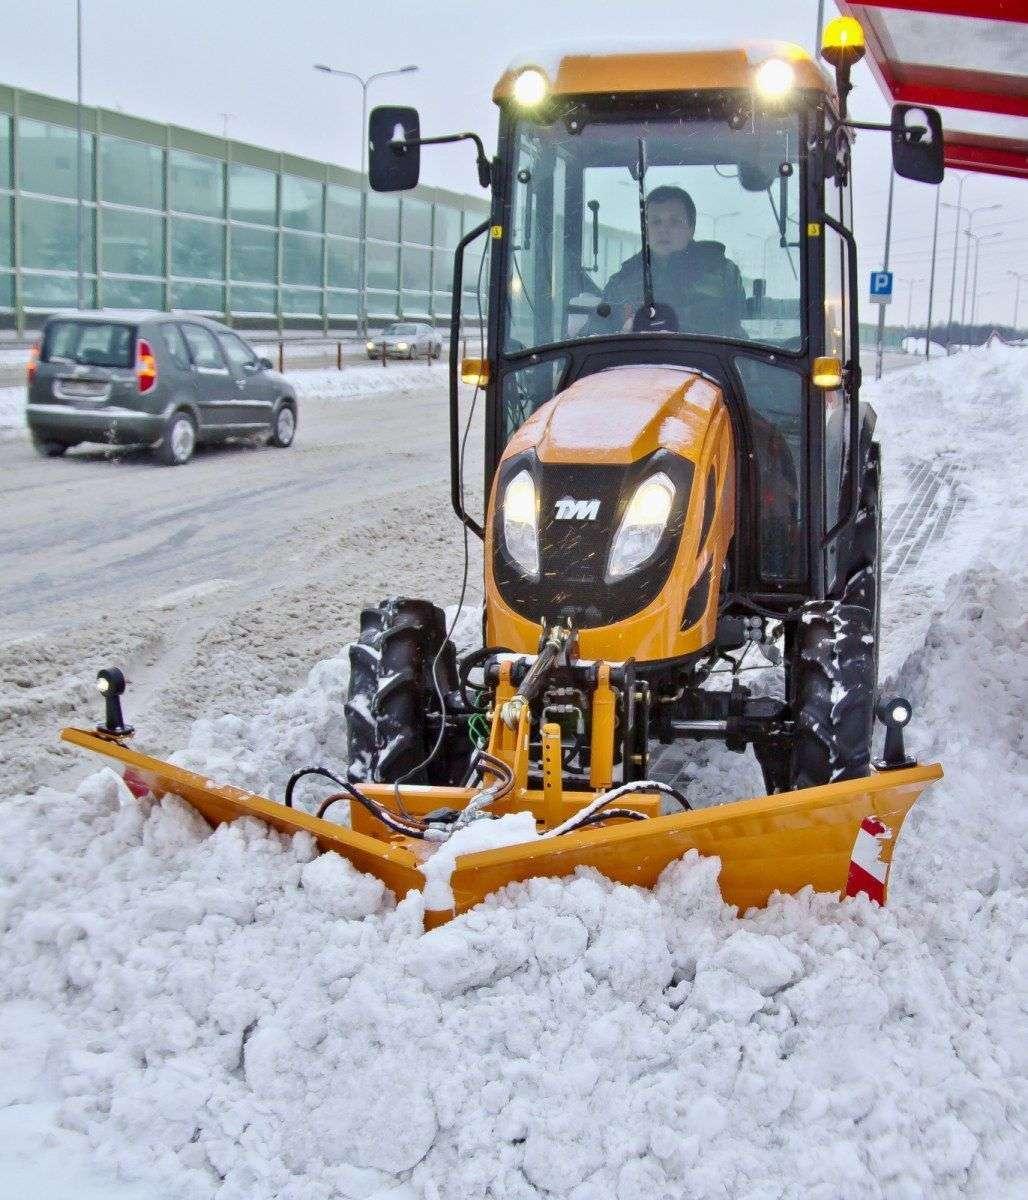 Lekki spychacz do śniegu, pług do odśnieżania CITY firmy SAMASZ przeznaczony dla małych ciągników rolniczych